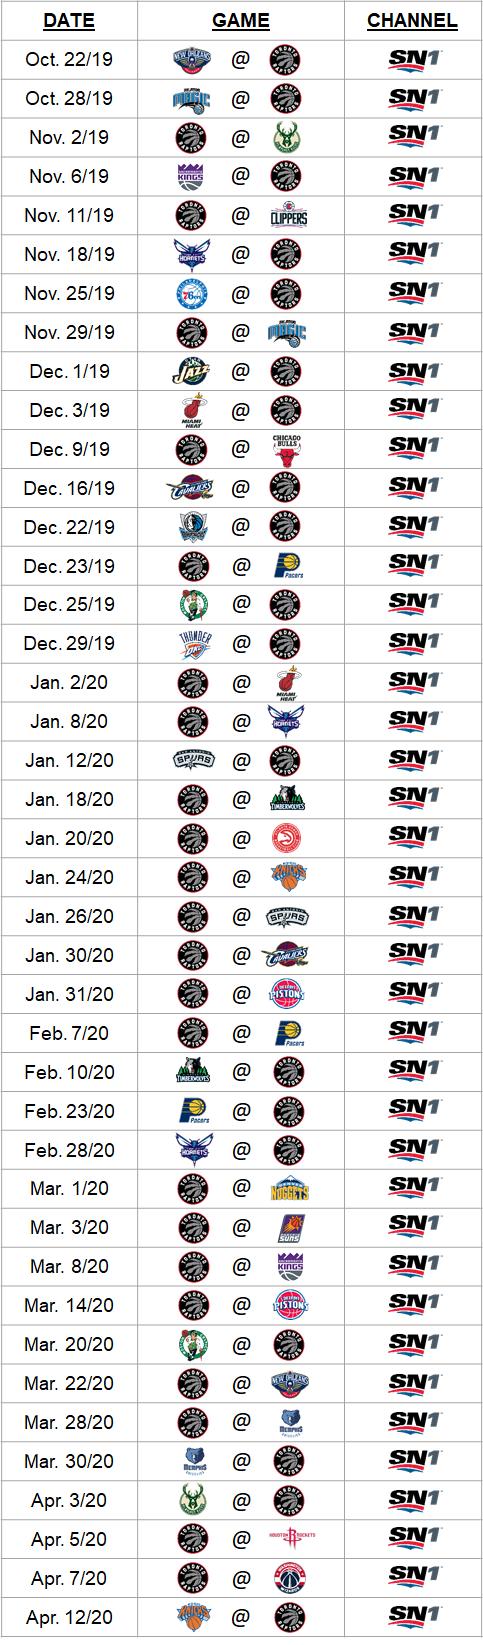 Raptors-on-sn-2019-20